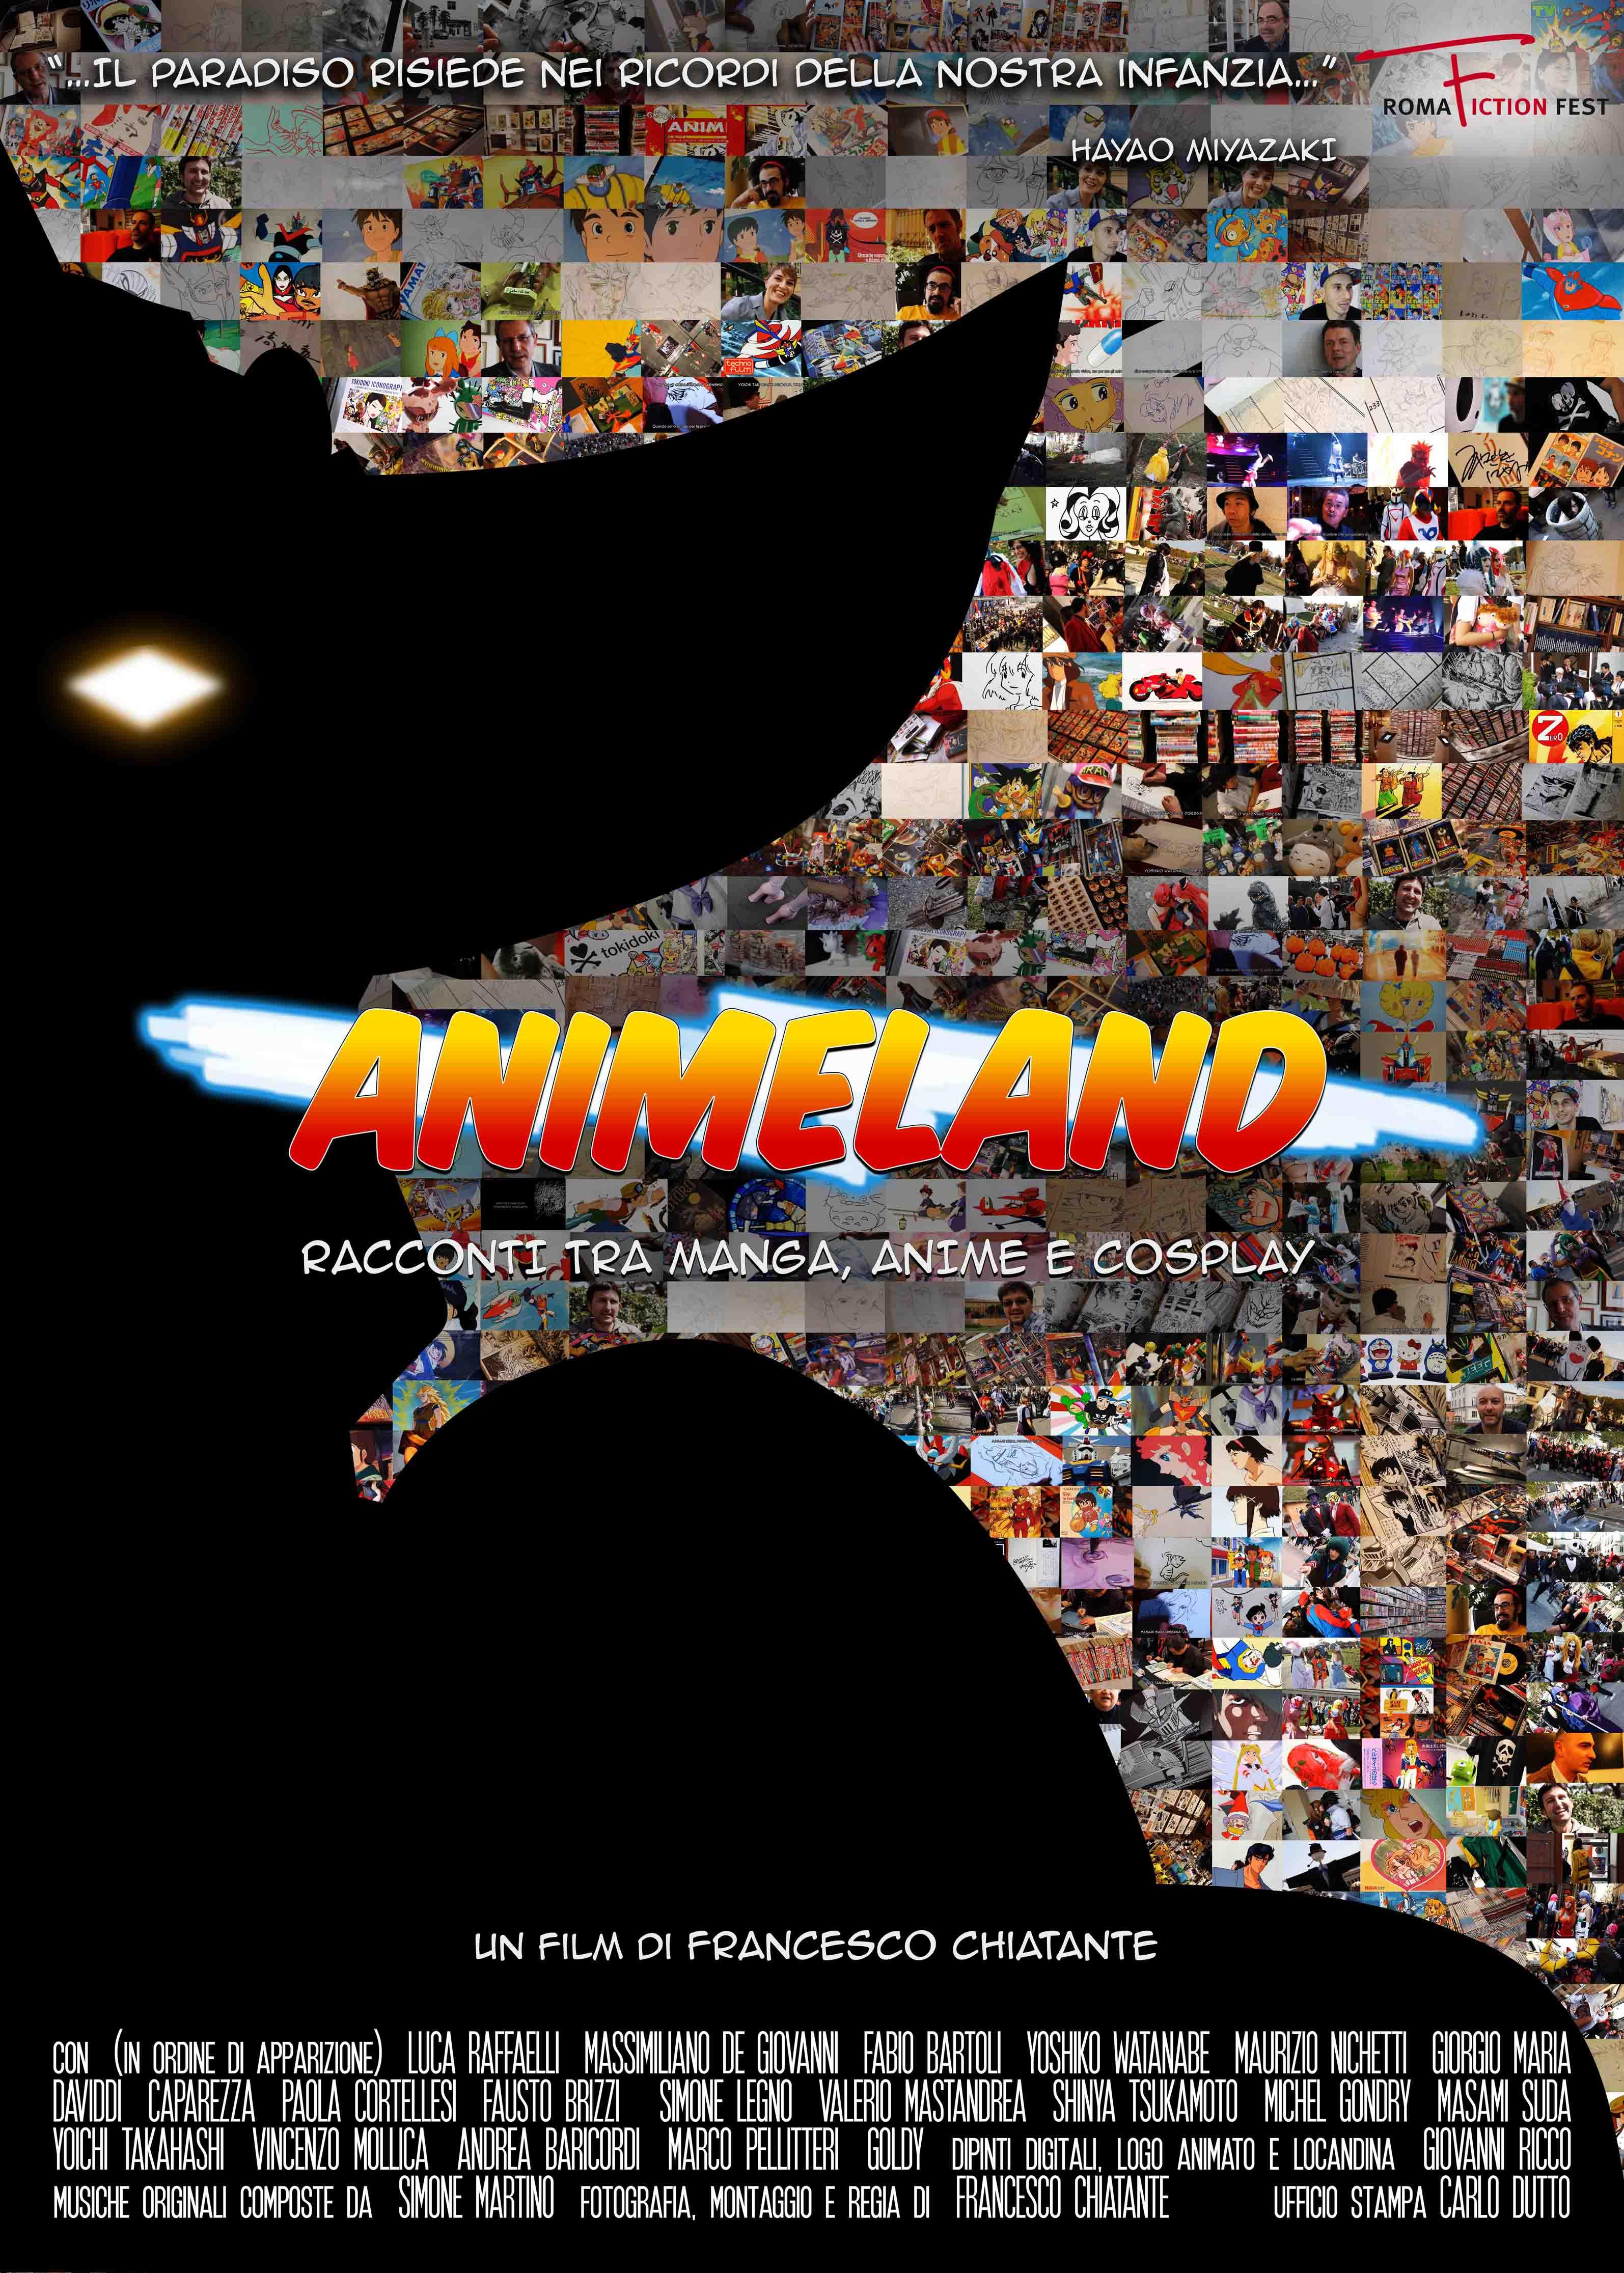 locandina ufficiale di animeland - nerdface